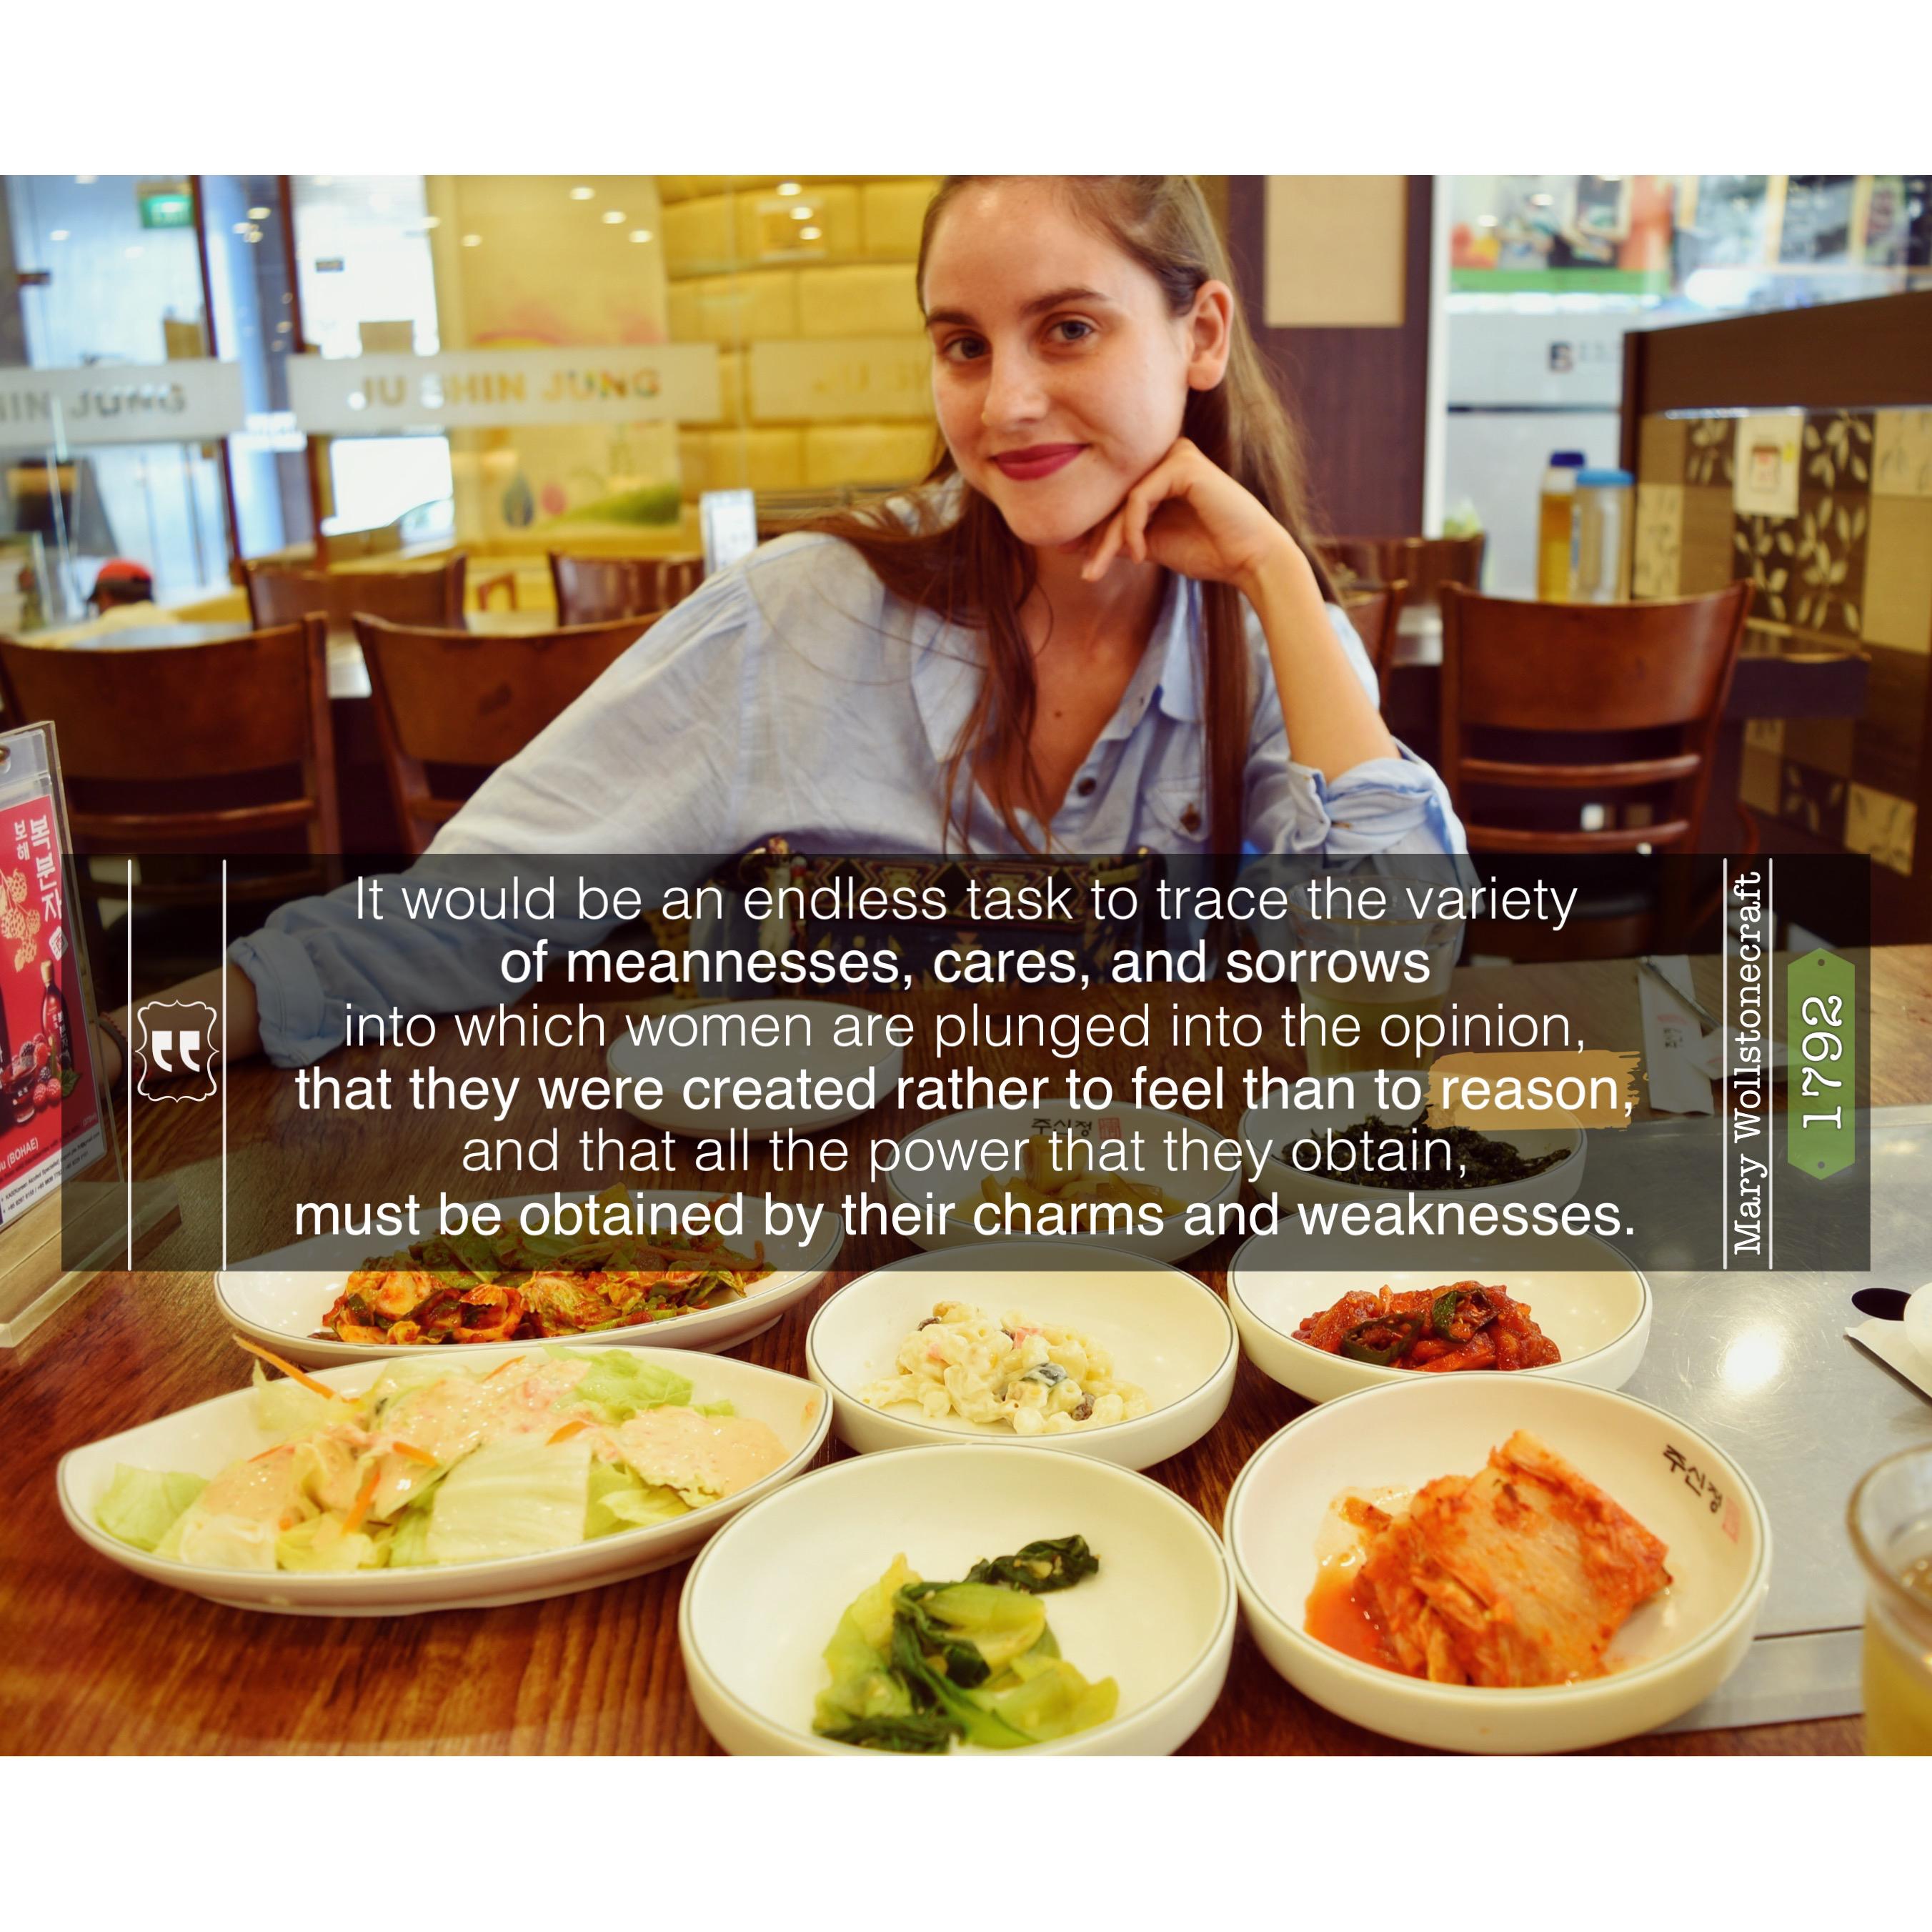 feminism quote korean food